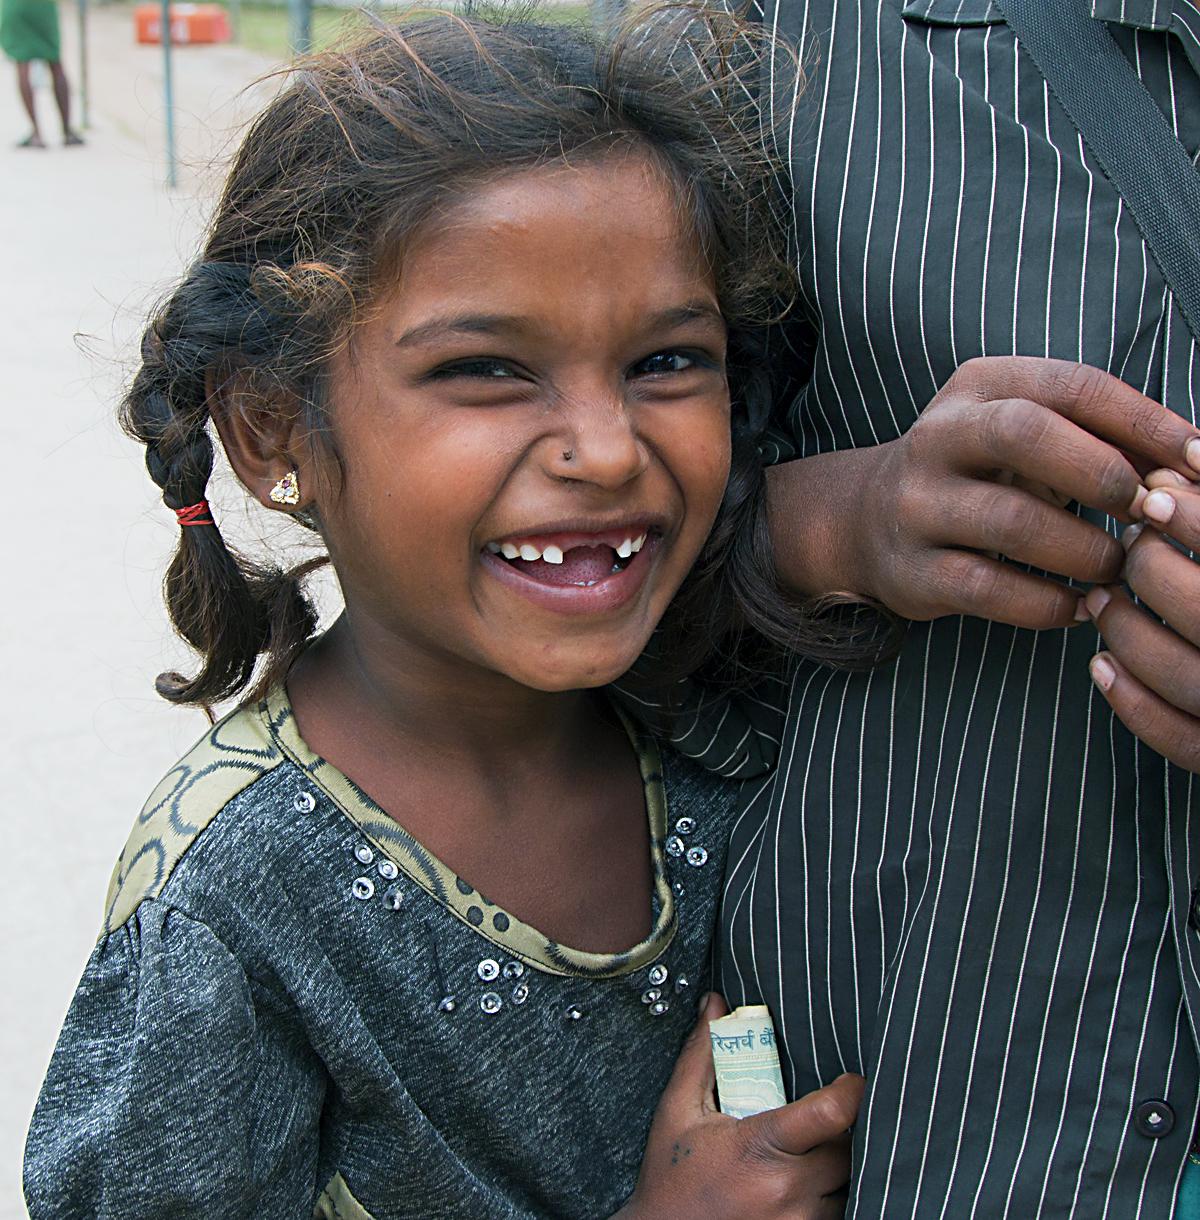 INDIEN Chennai Menschen Tempel FINEST-onTour 7483-1.jpg